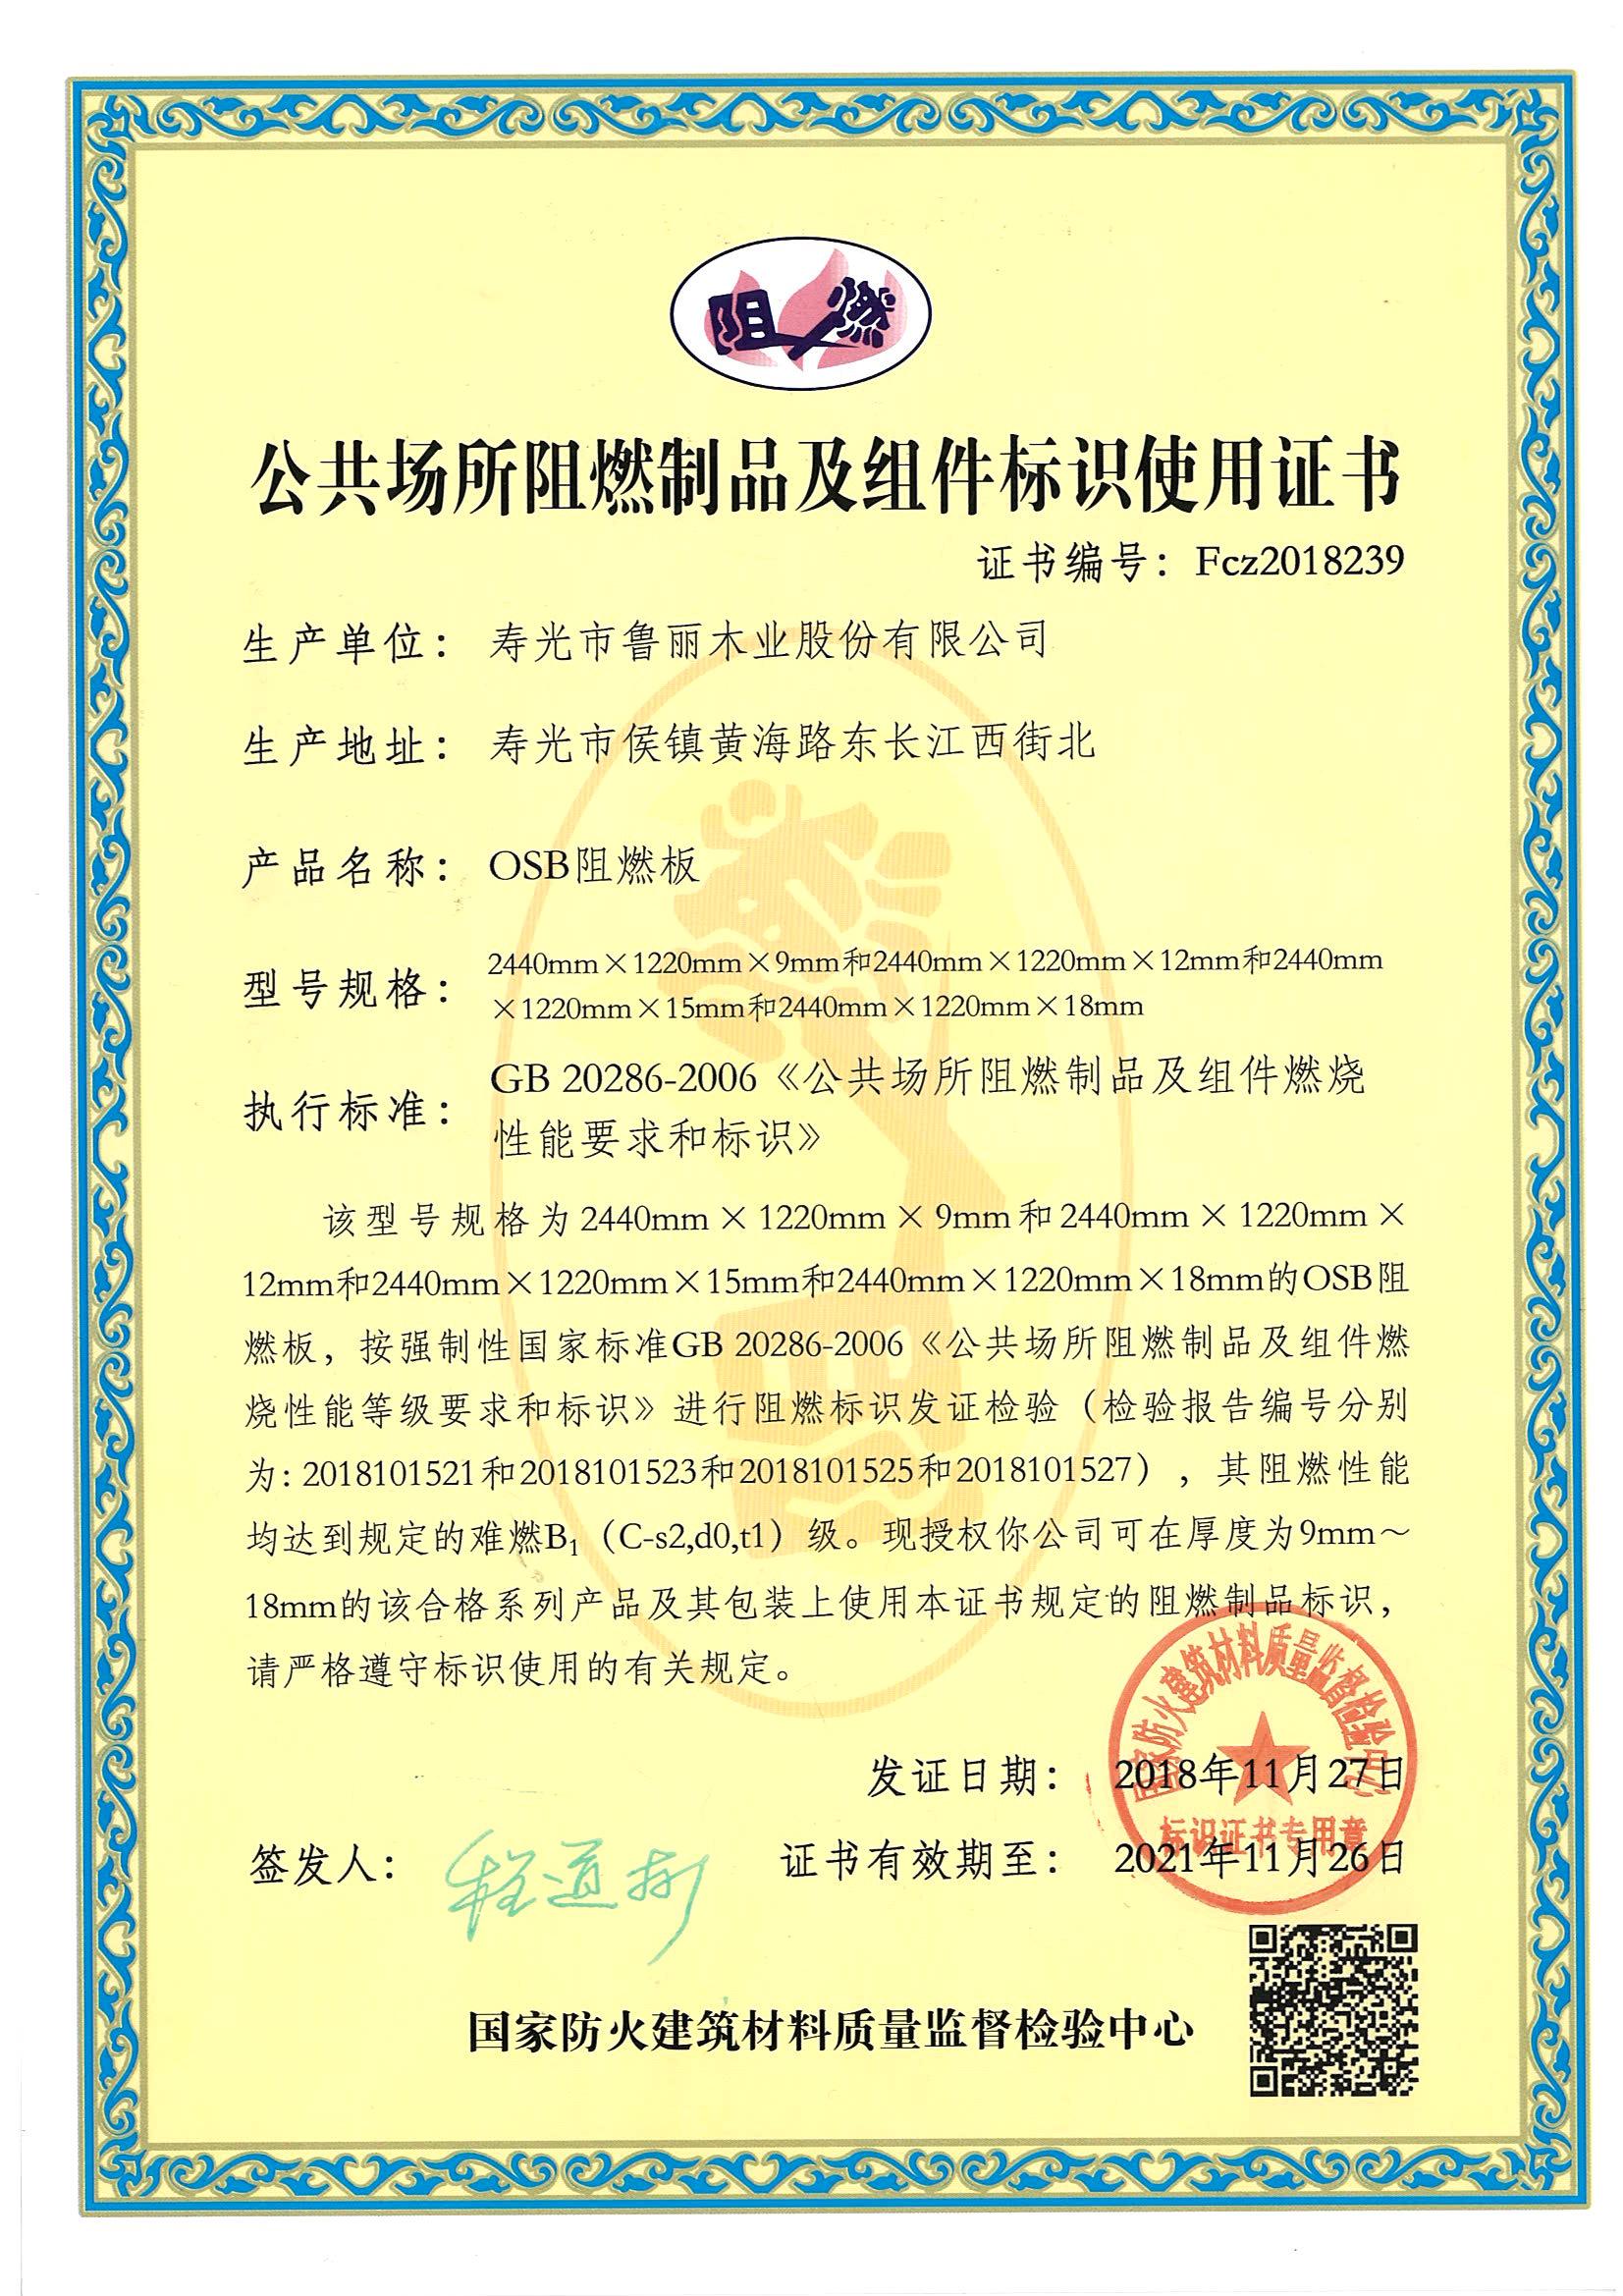 公共场所阻燃制品及组件标识使用证书